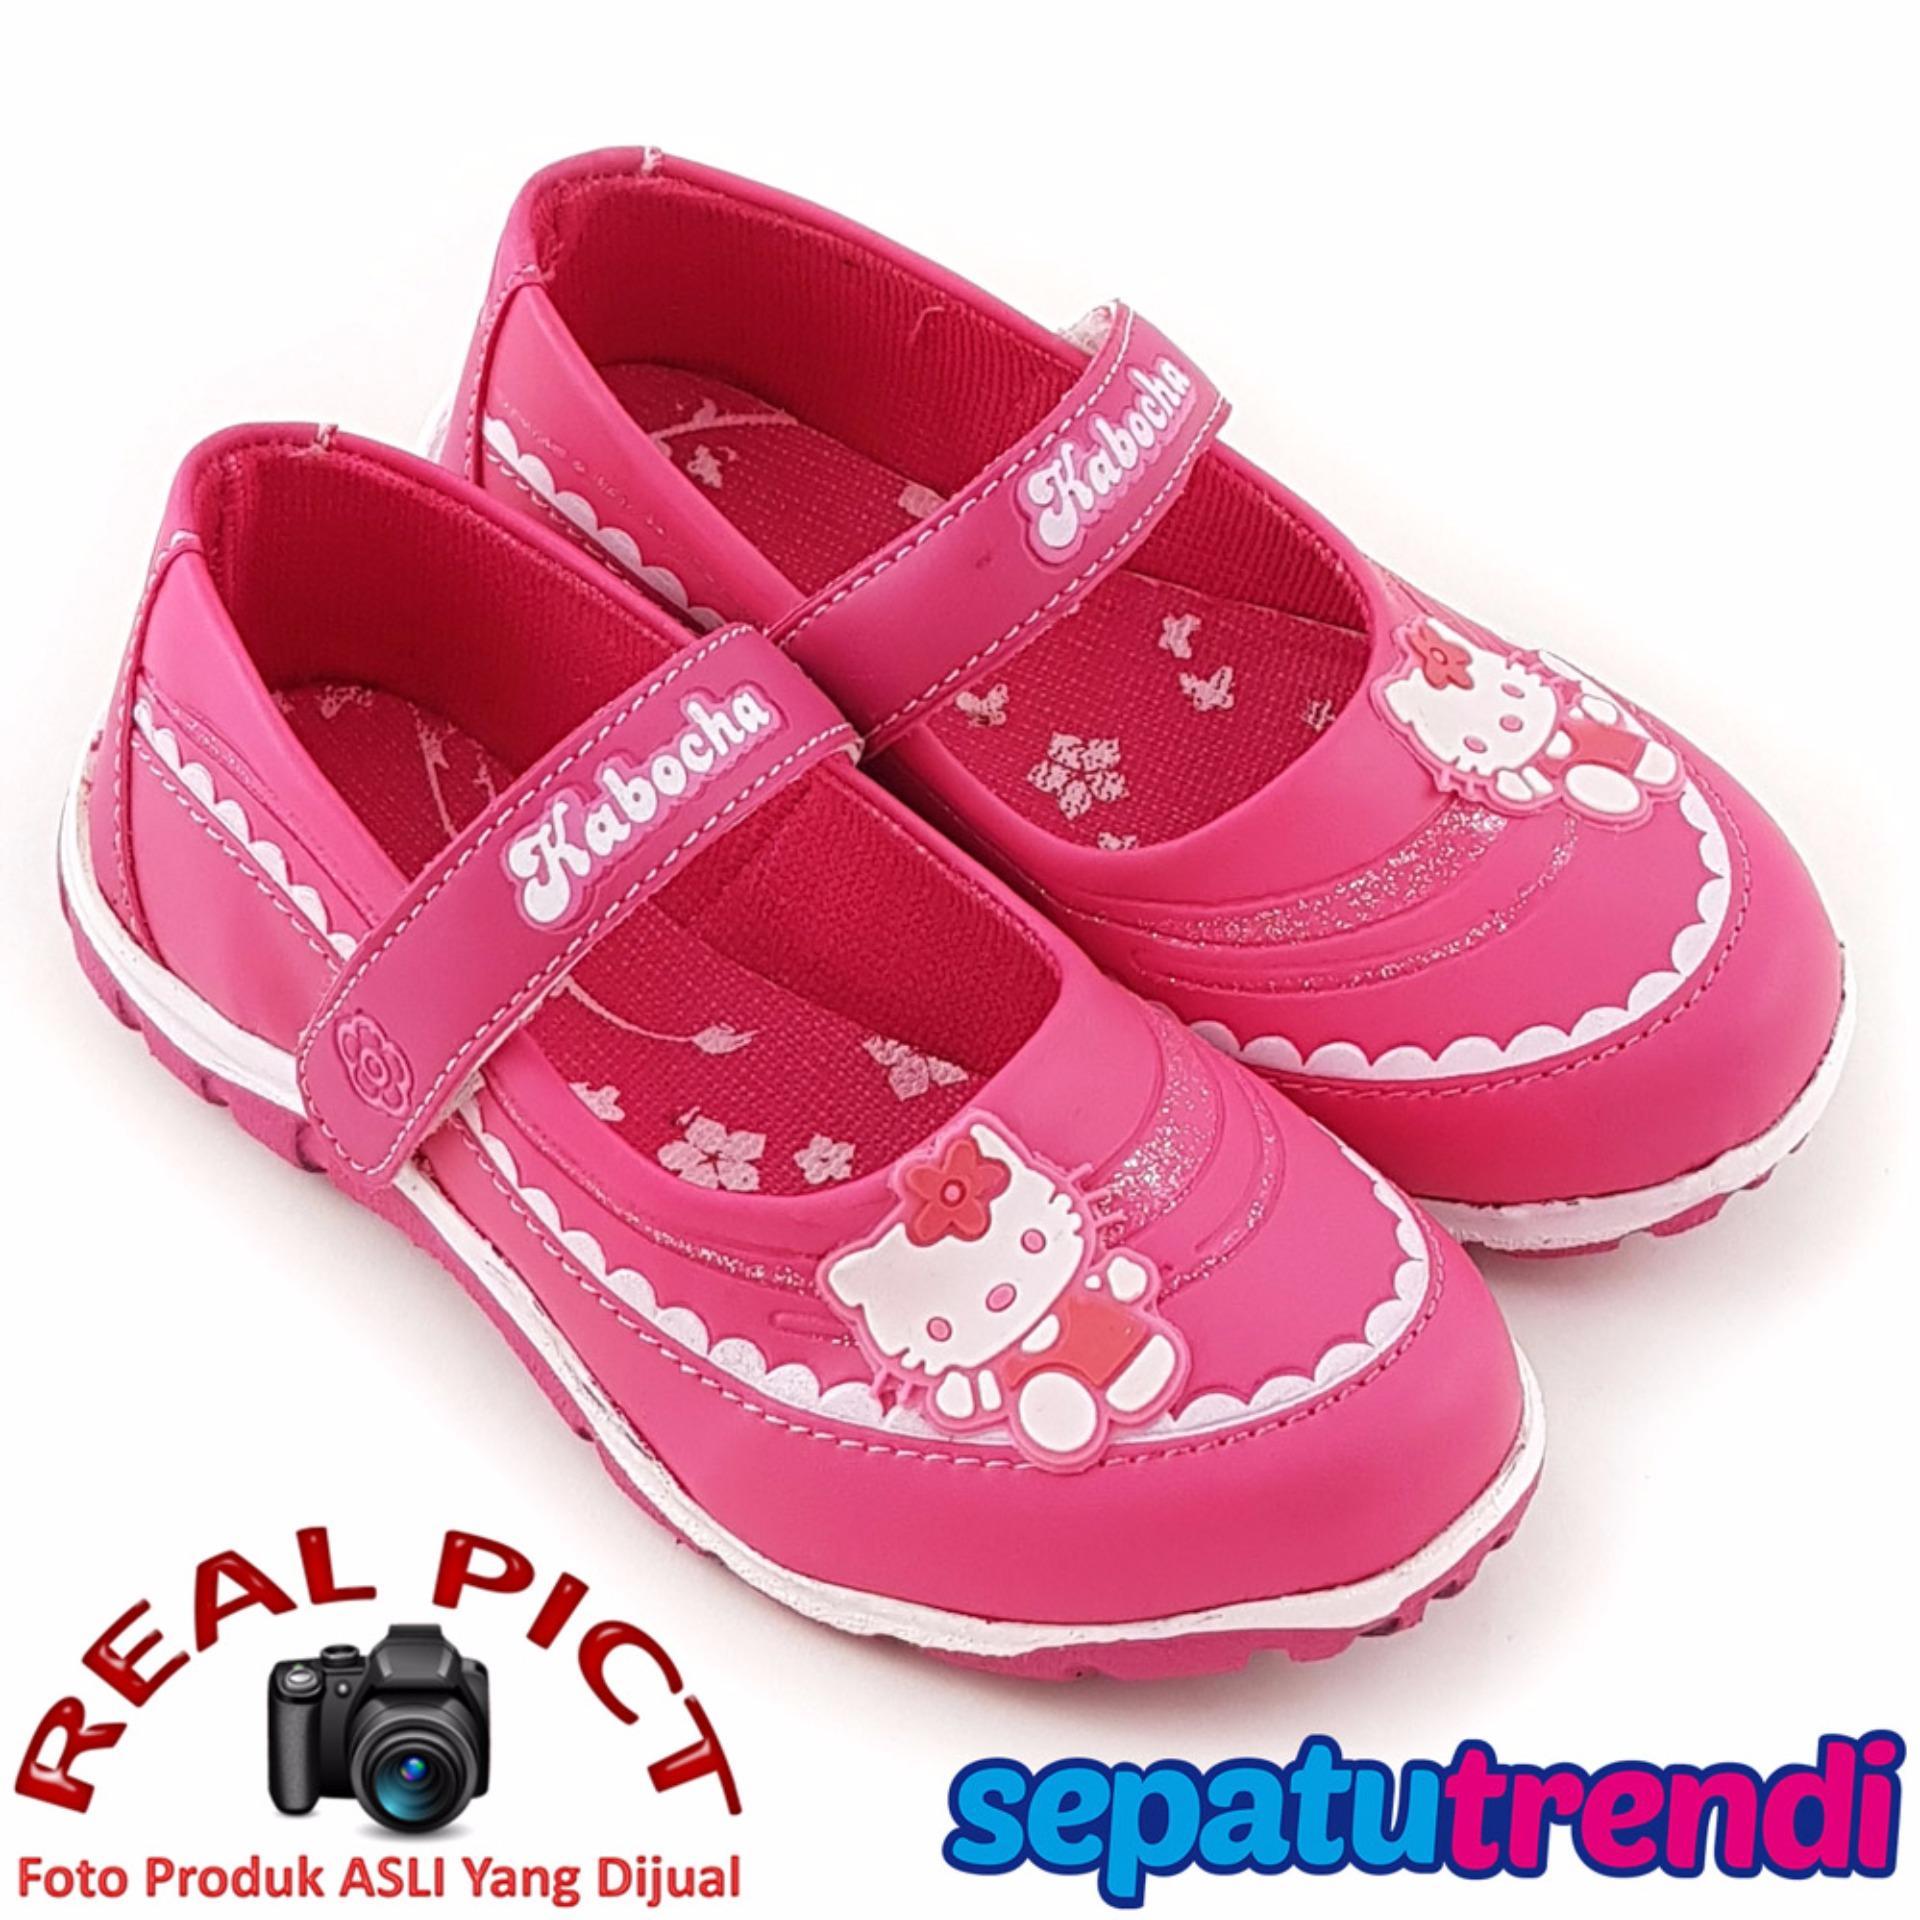 Harga Trendishoes Sepatu Sekolah Anak Perempuan Cantik Kb021 Fuchsia Termurah